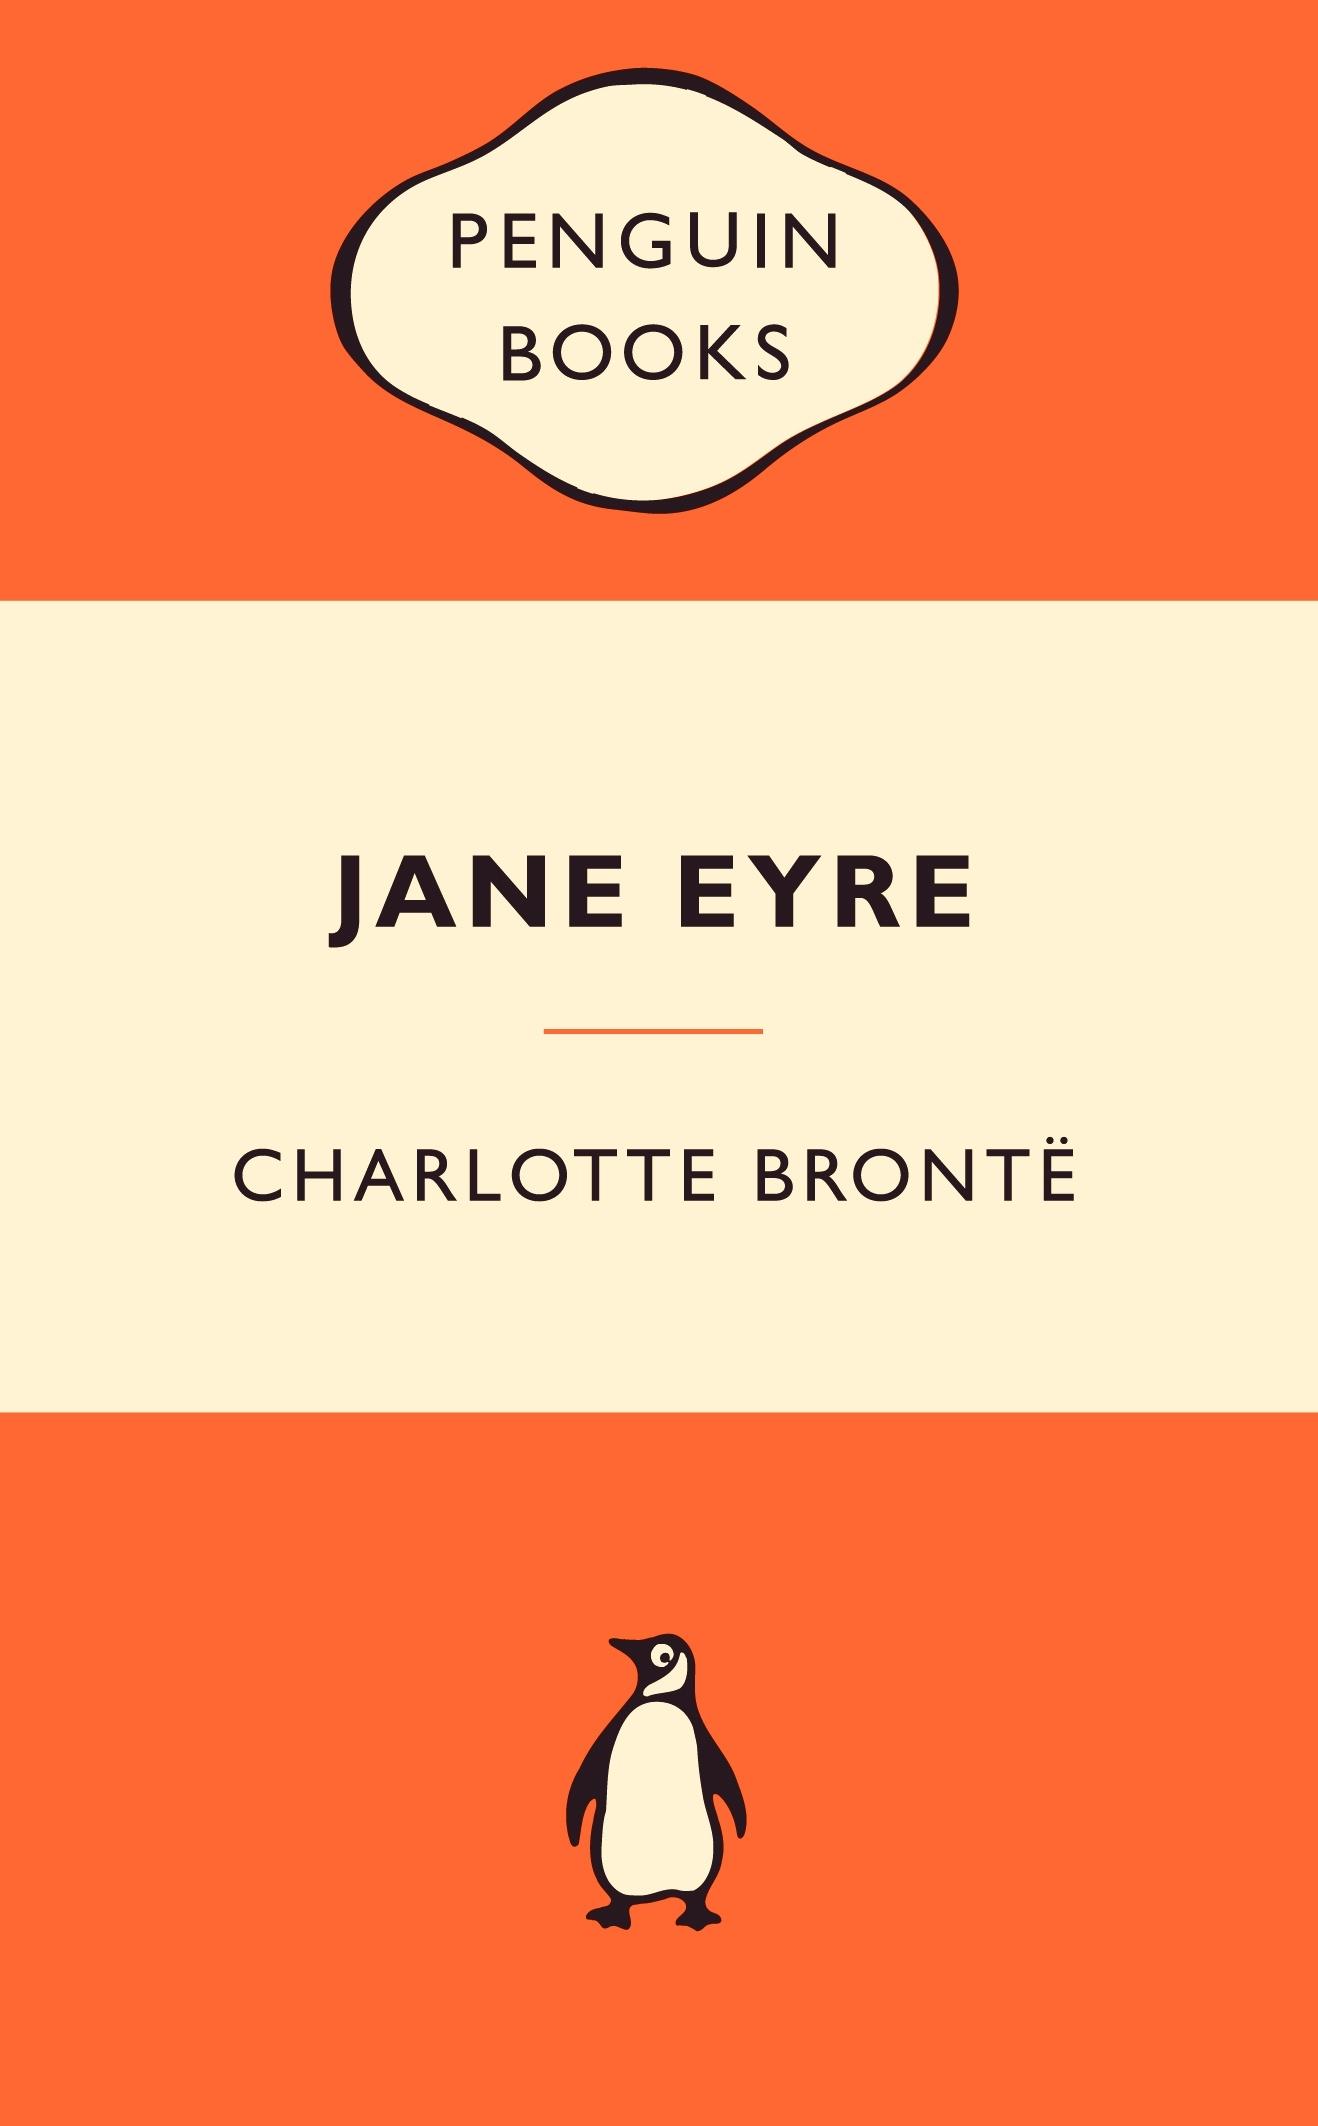 Penguin Book Cover Jobs : Jane eyre popular penguins penguin books australia